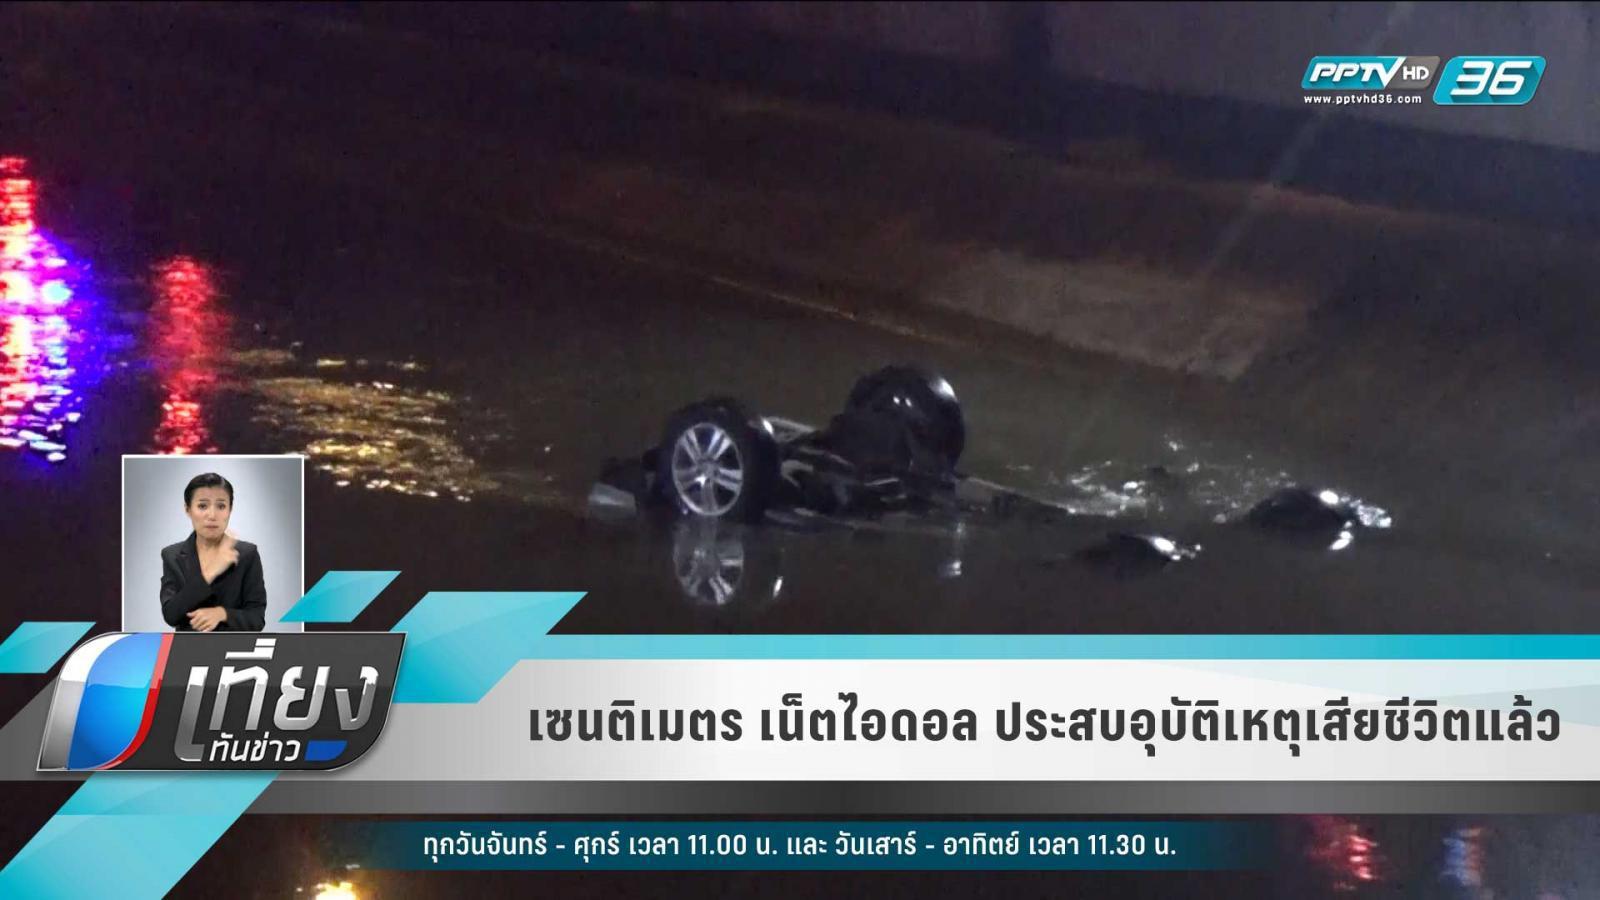 """""""เซนติเมตร"""" พิธีกรดังประสบอุบัติเหตุเสียชีวิตแล้ว"""